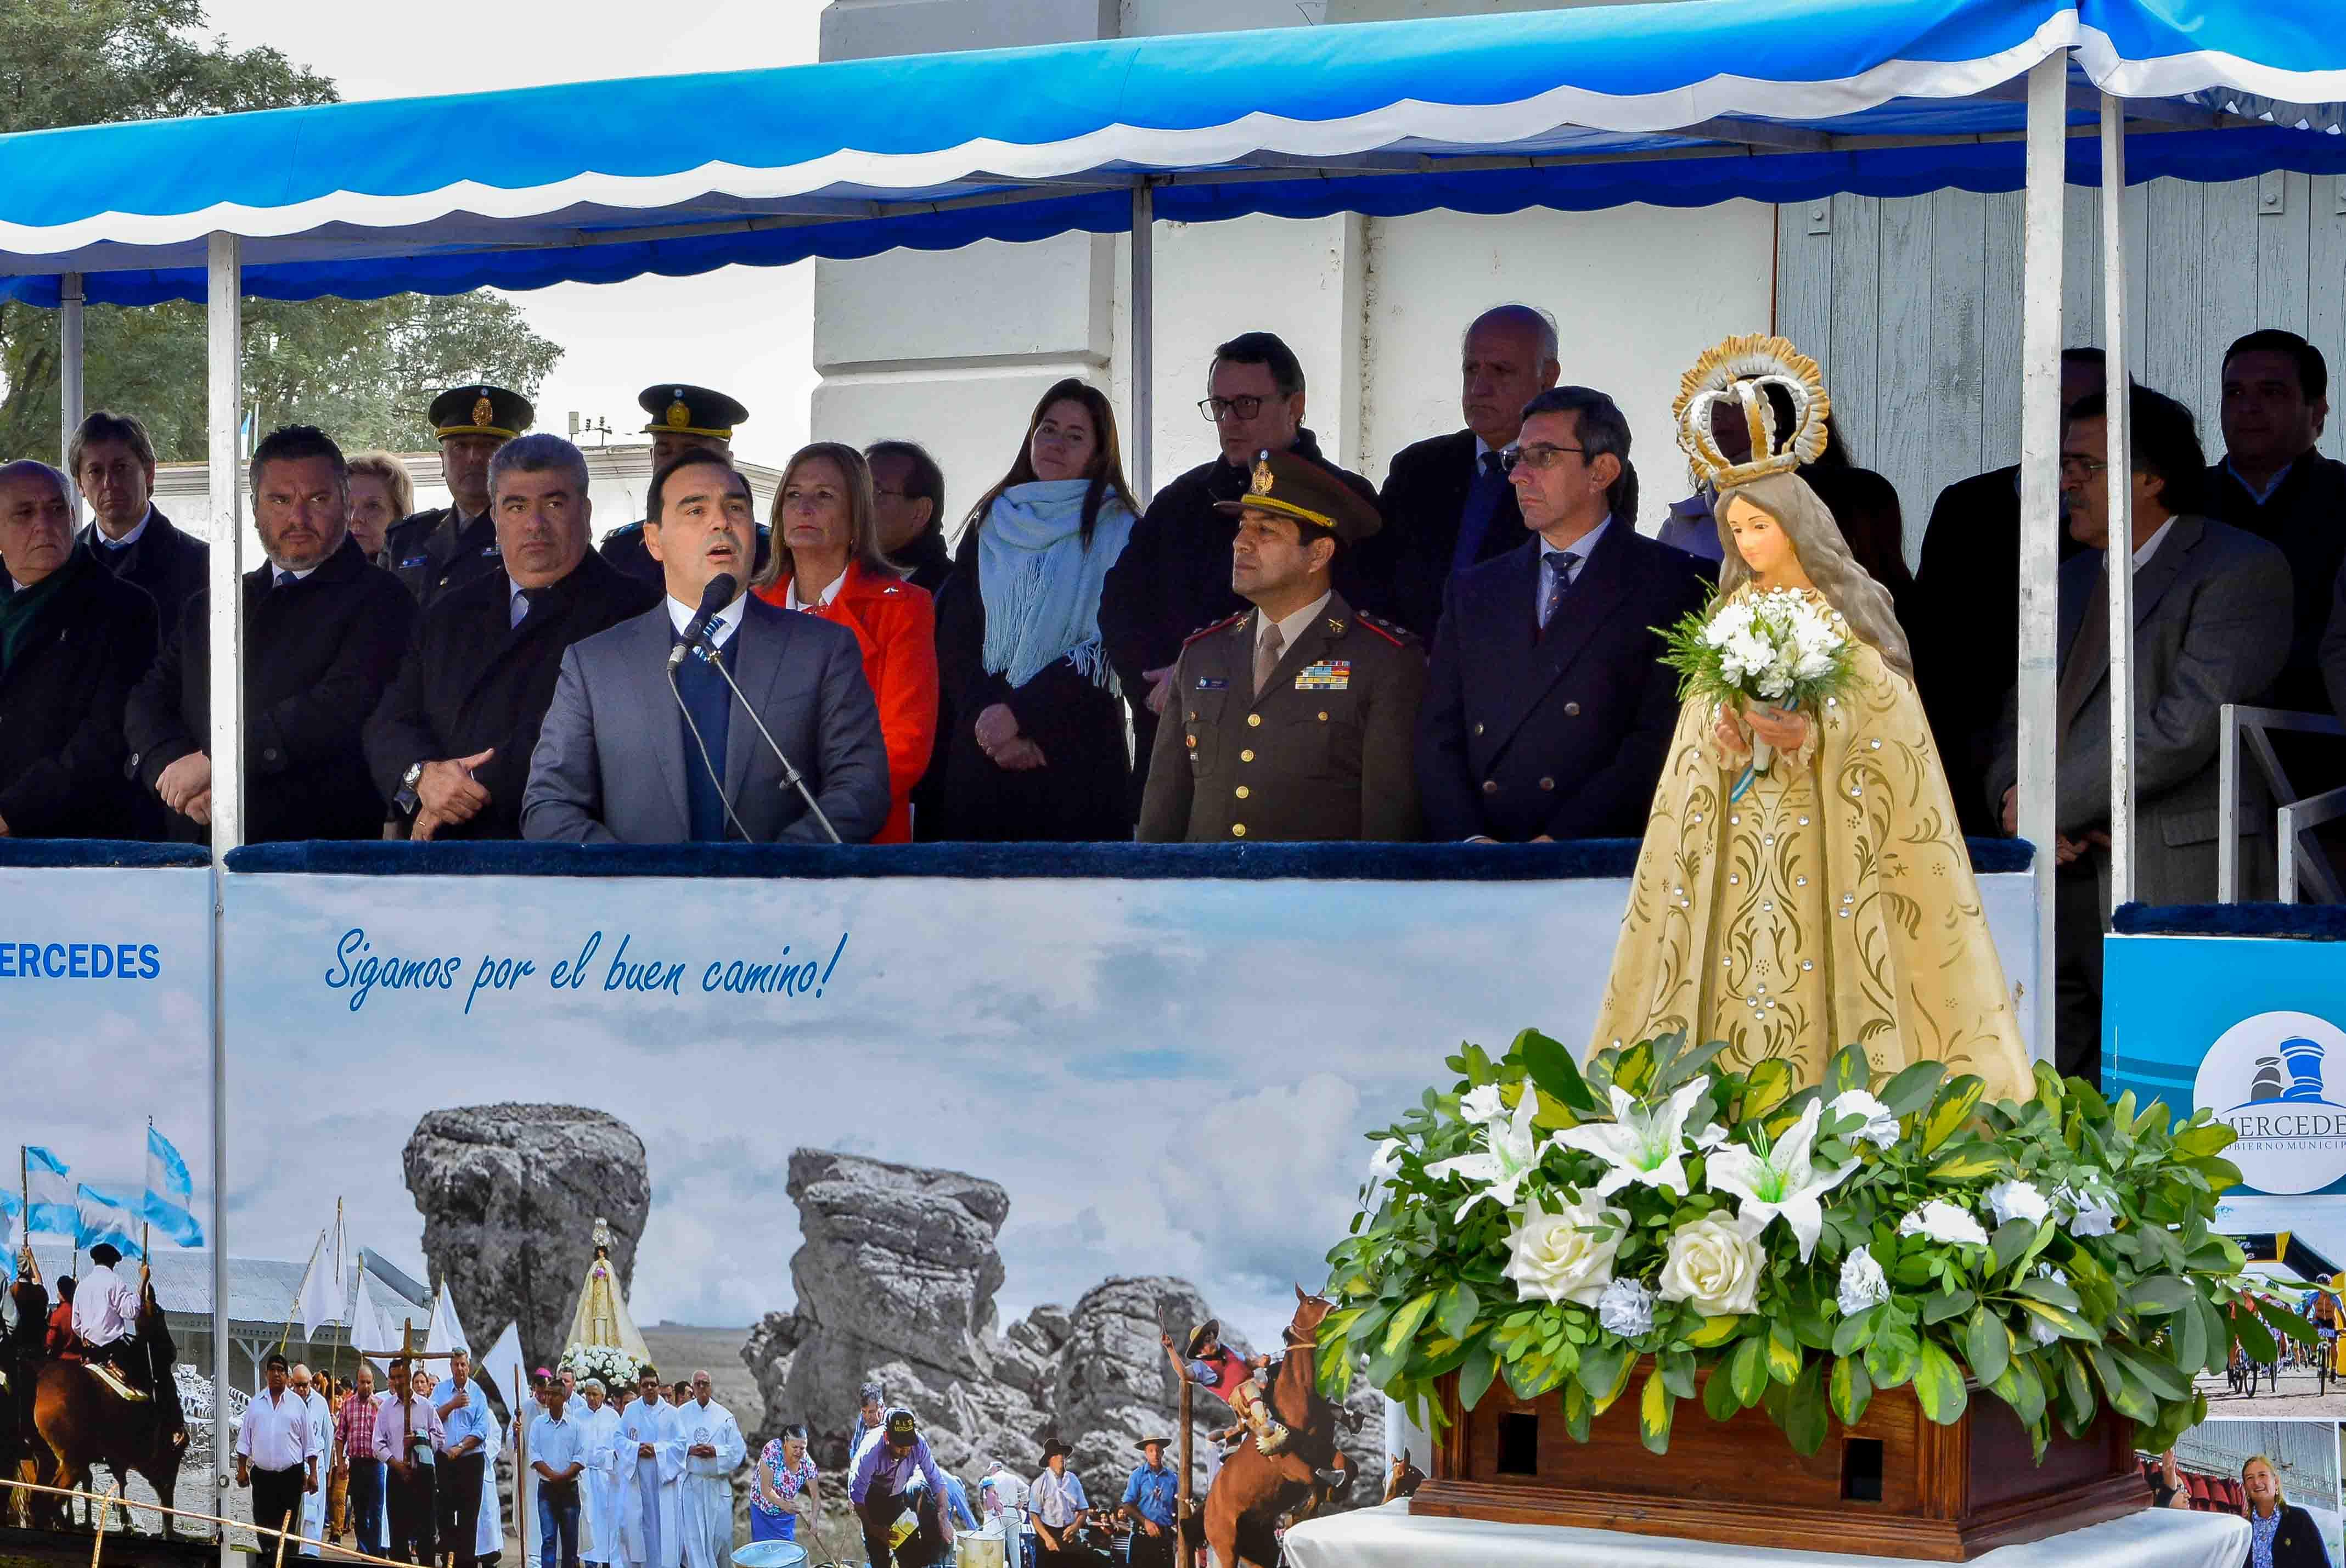 Valdés llamó a los mercedeños a deponer diferencias  y sumarse al proyecto de generar el progreso de Corrientes